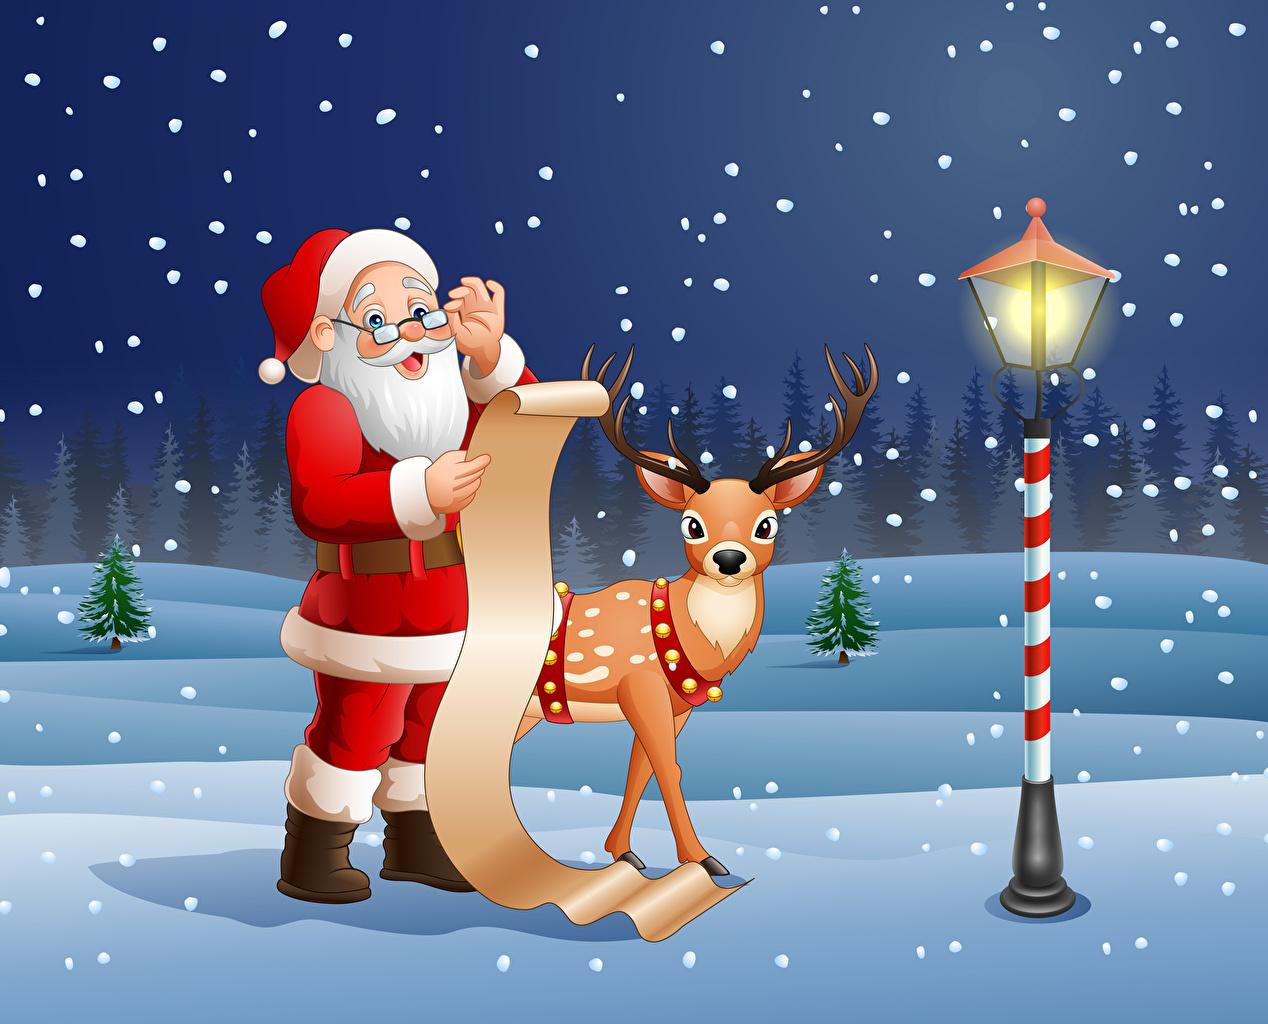 Картинки Олени Новый год Лист бумаги бородатые Санта-Клаус Снег очках Униформа Уличные фонари Векторная графика Рождество Борода бородой бородатый Дед Мороз снега снегу снеге Очки очков униформе